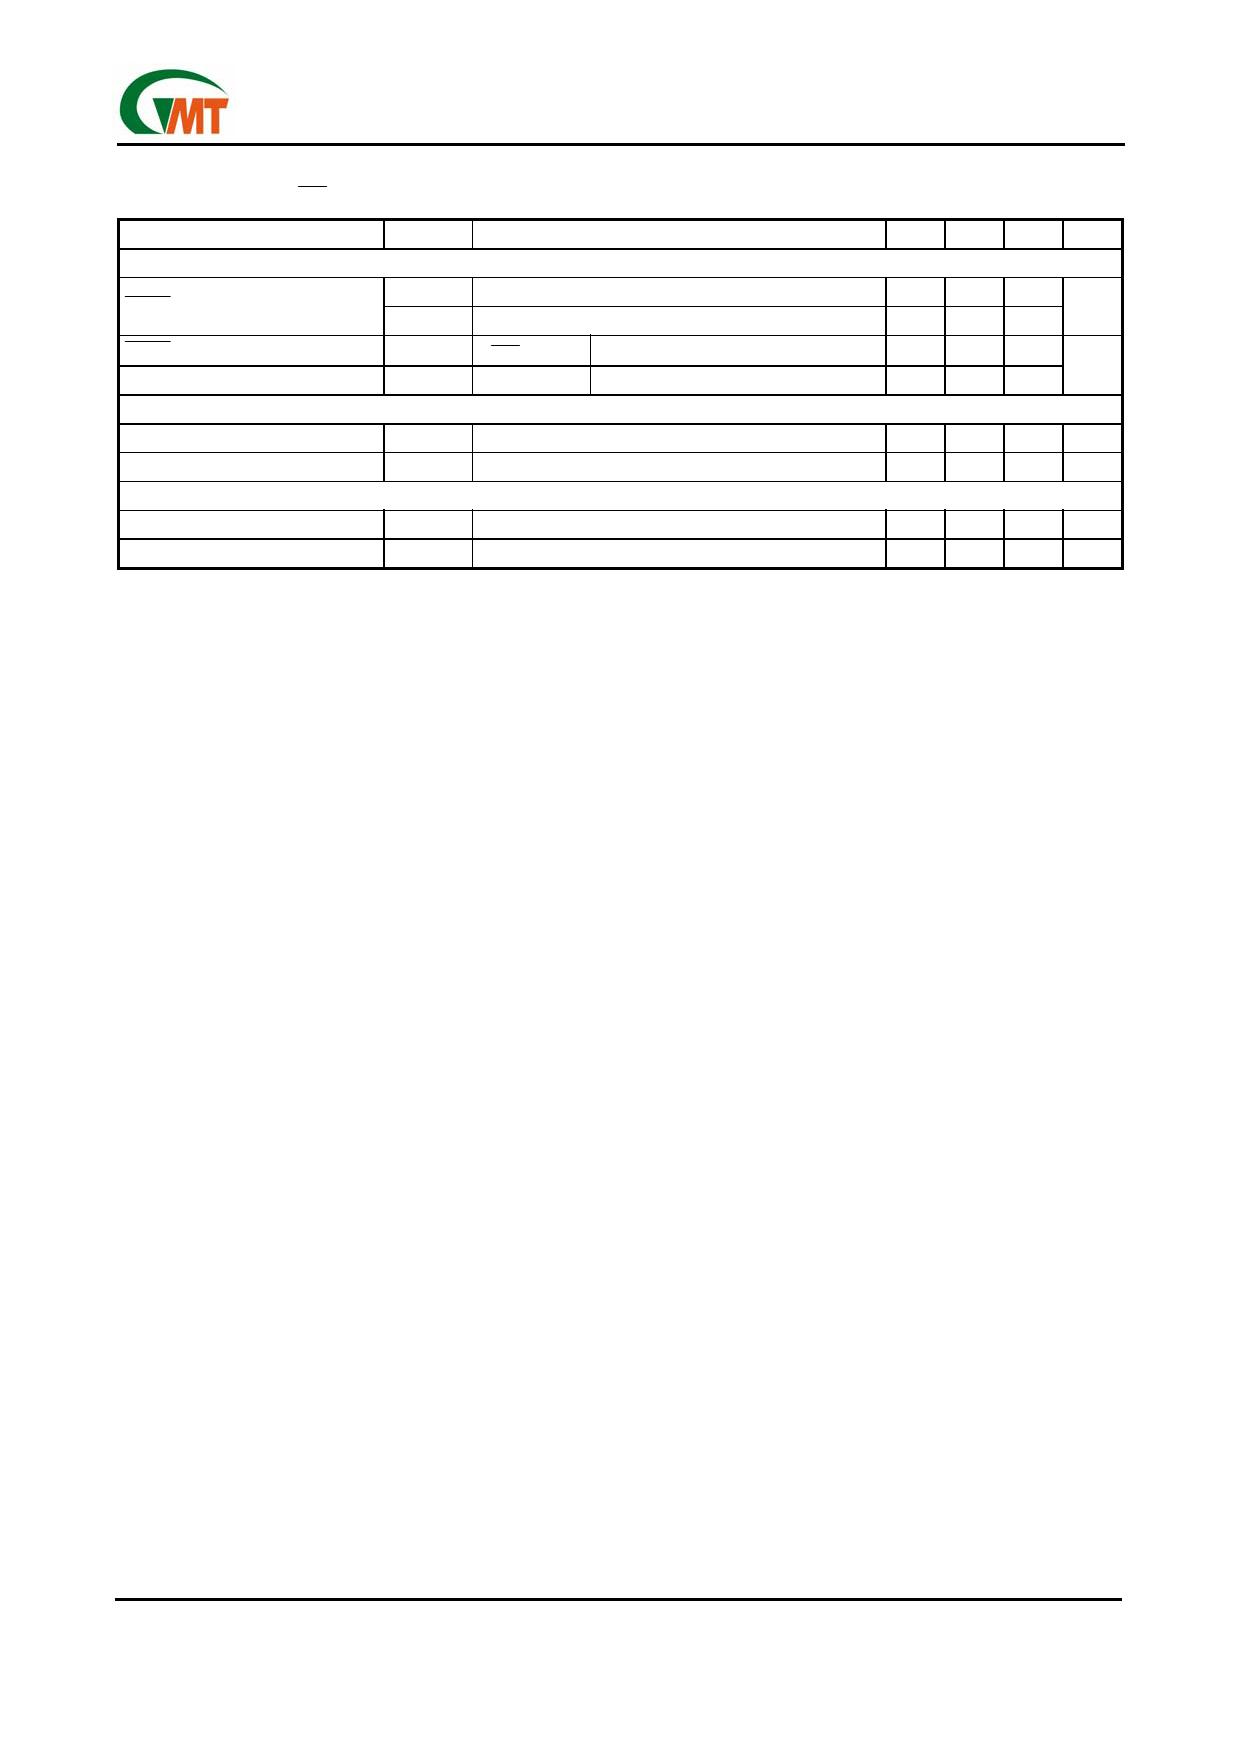 G914B pdf, ピン配列